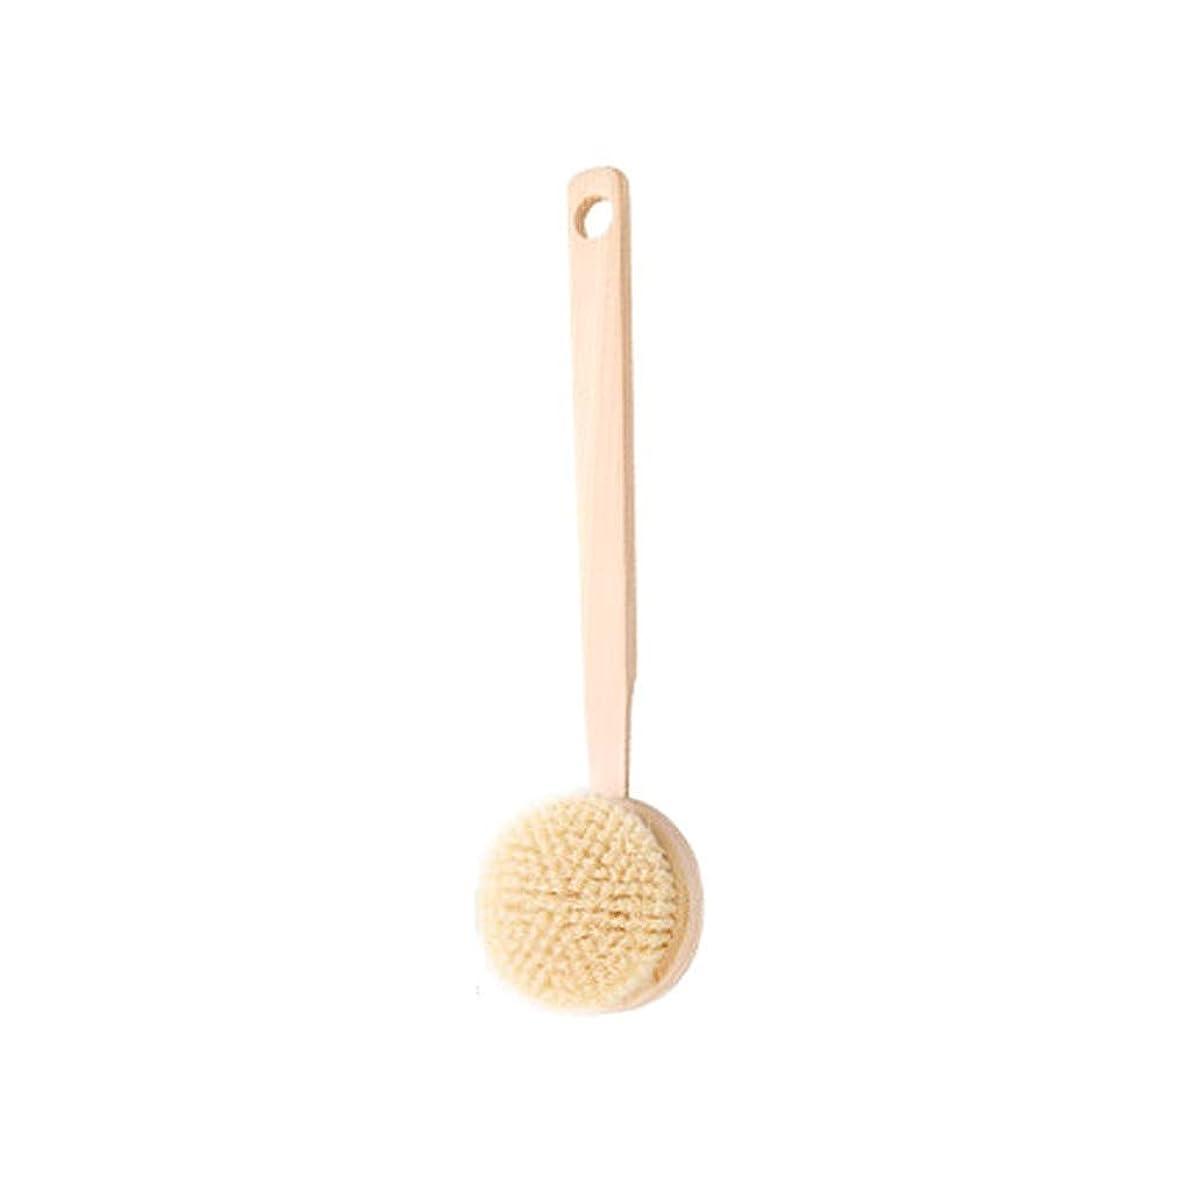 尊敬する入浴中級バスブラシバックブラシロングハンドルやわらかい毛髪バスブラシバスブラシ角質除去クリーニングブラシ (Color : A)